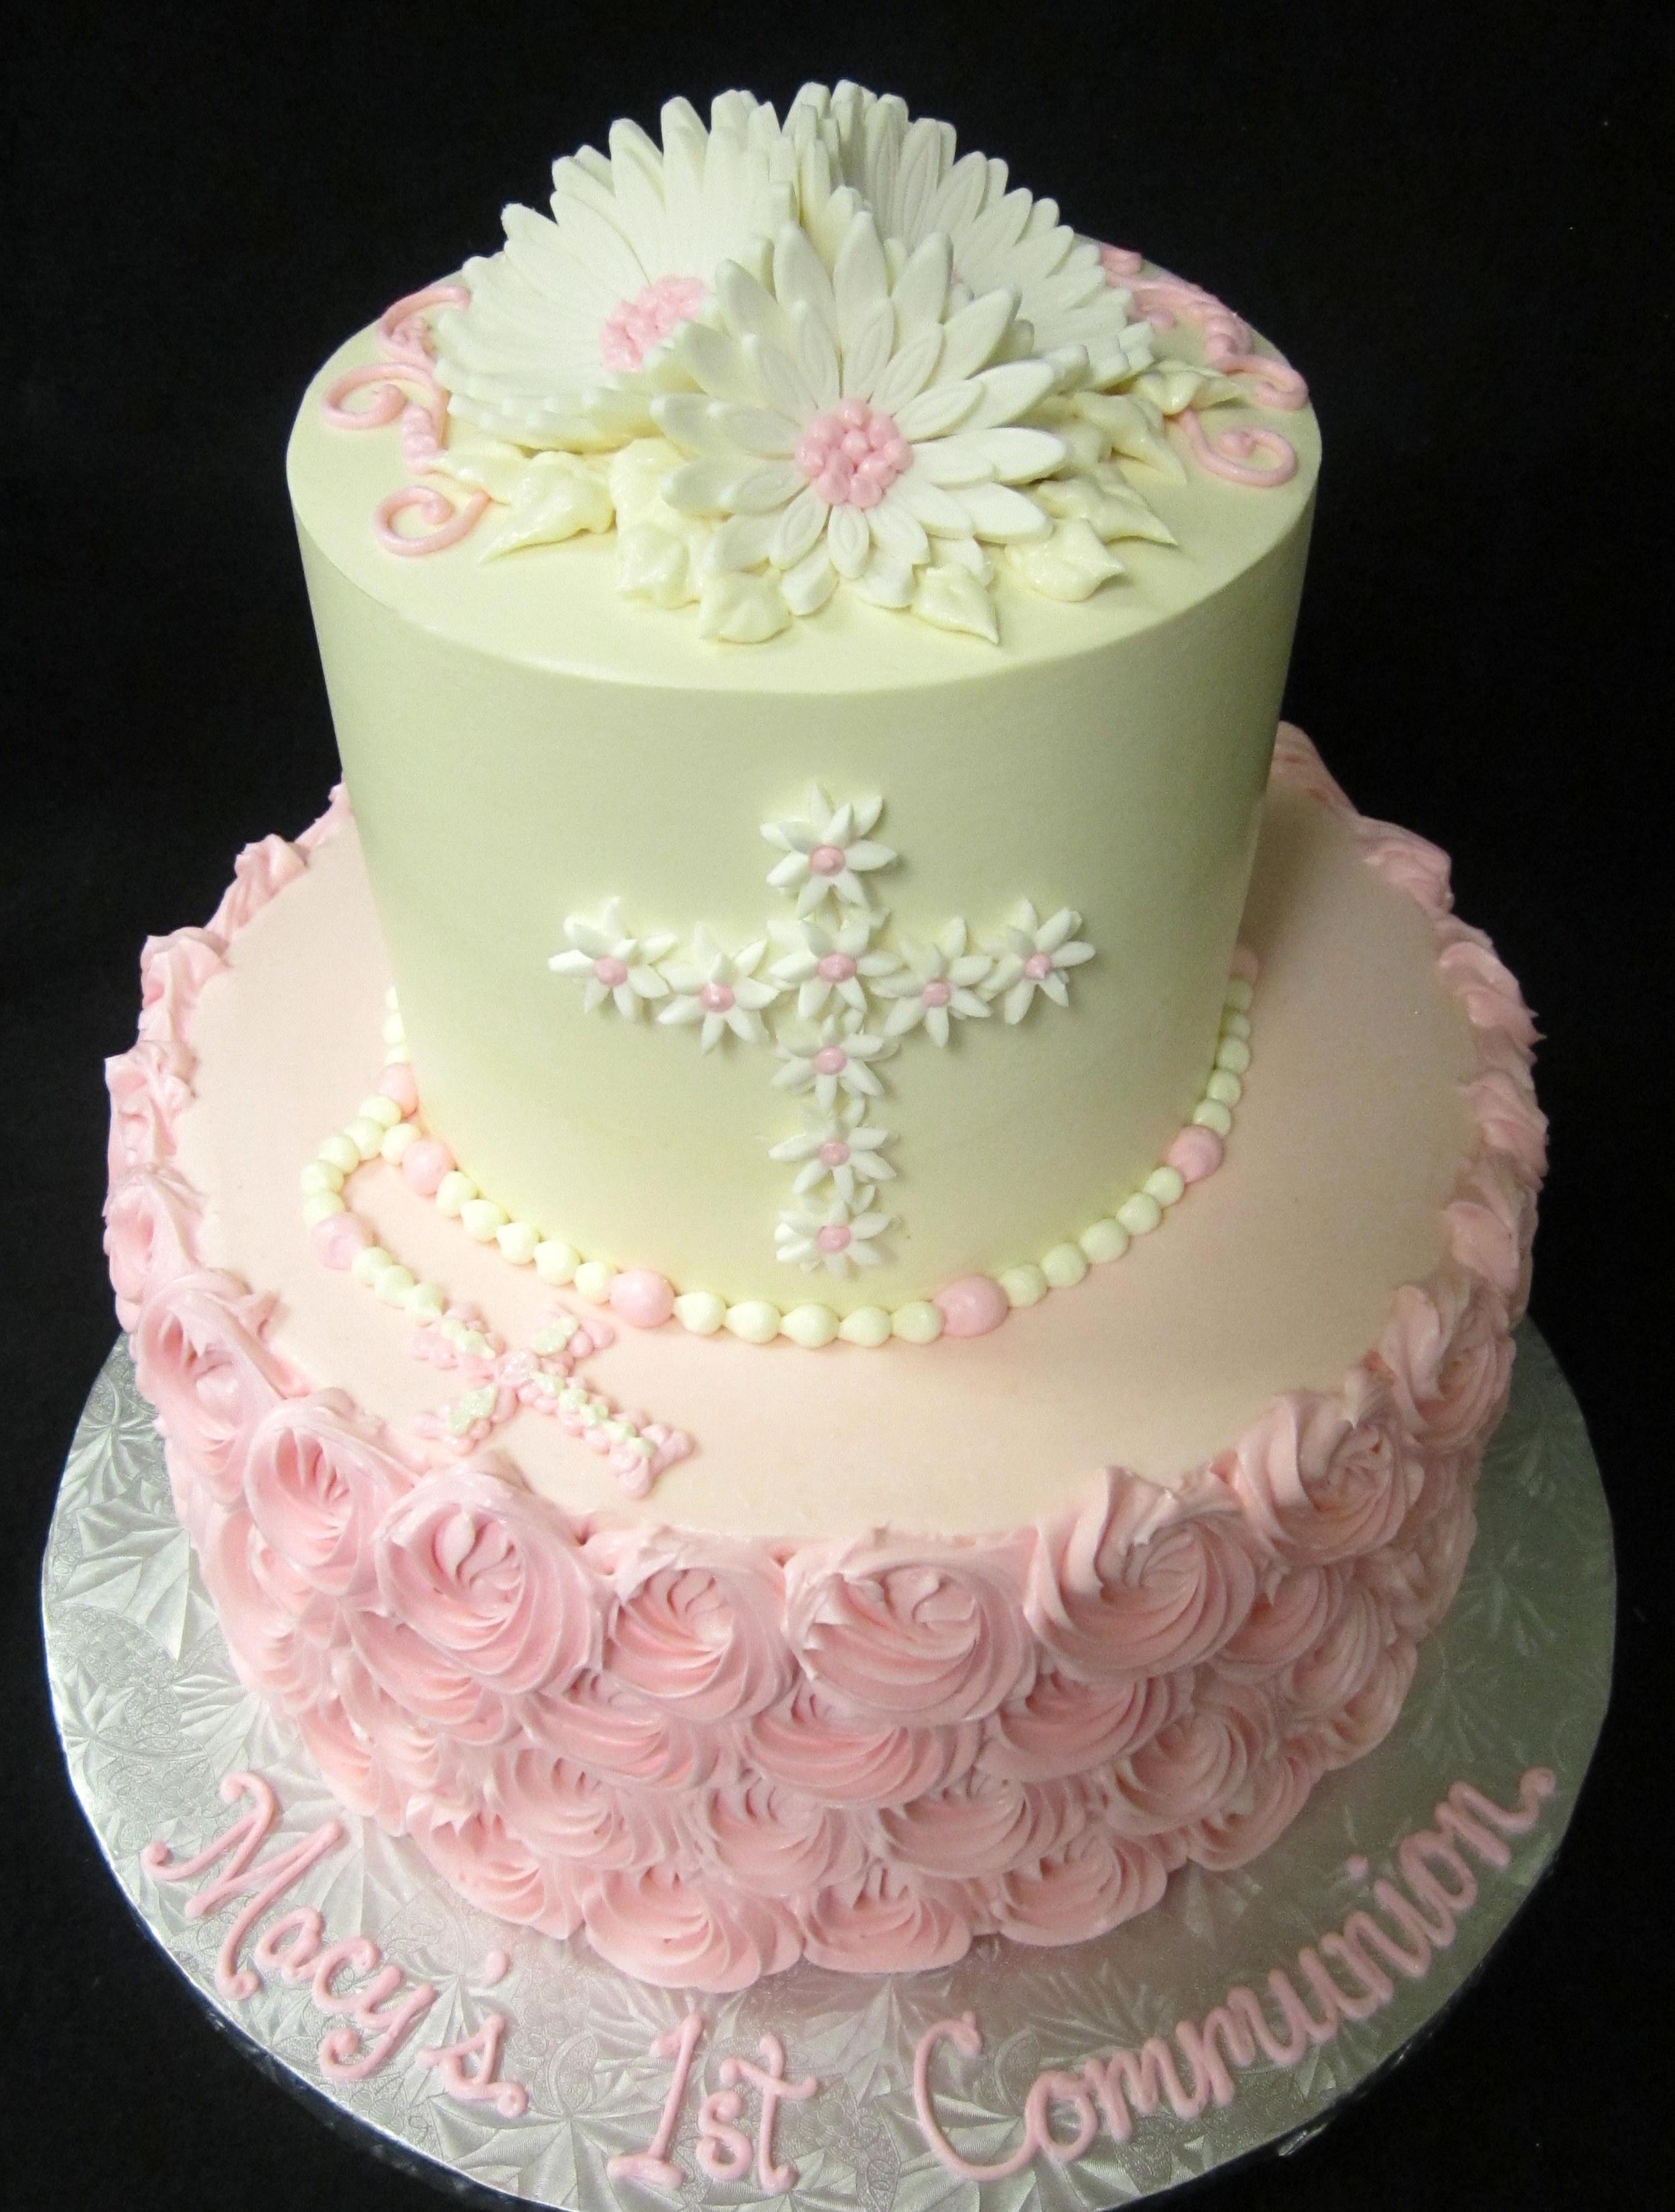 daisy cross communion rosette cake.JPG